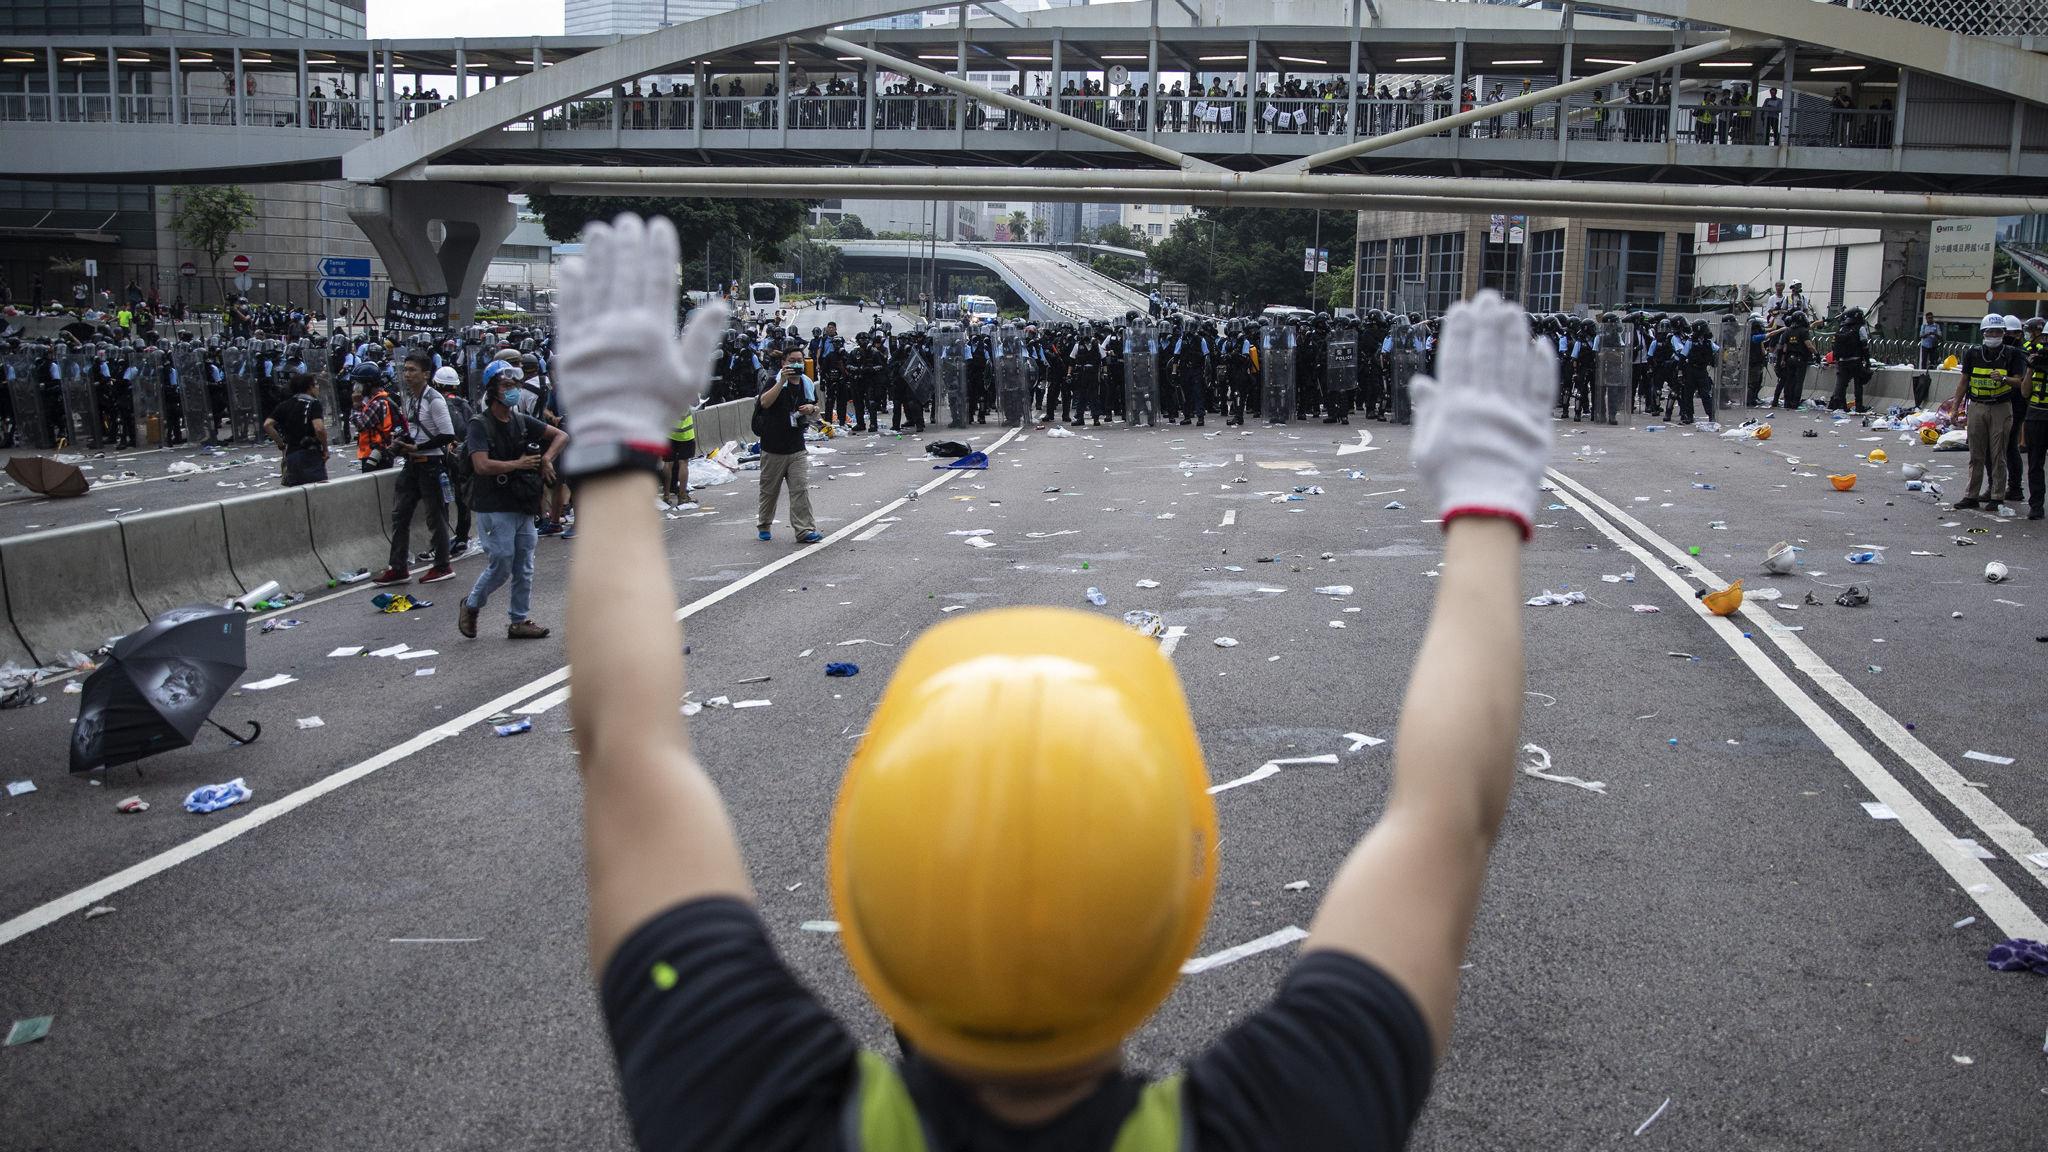 Hong Kong mood darkens as hard hats replace yellow umbrellas